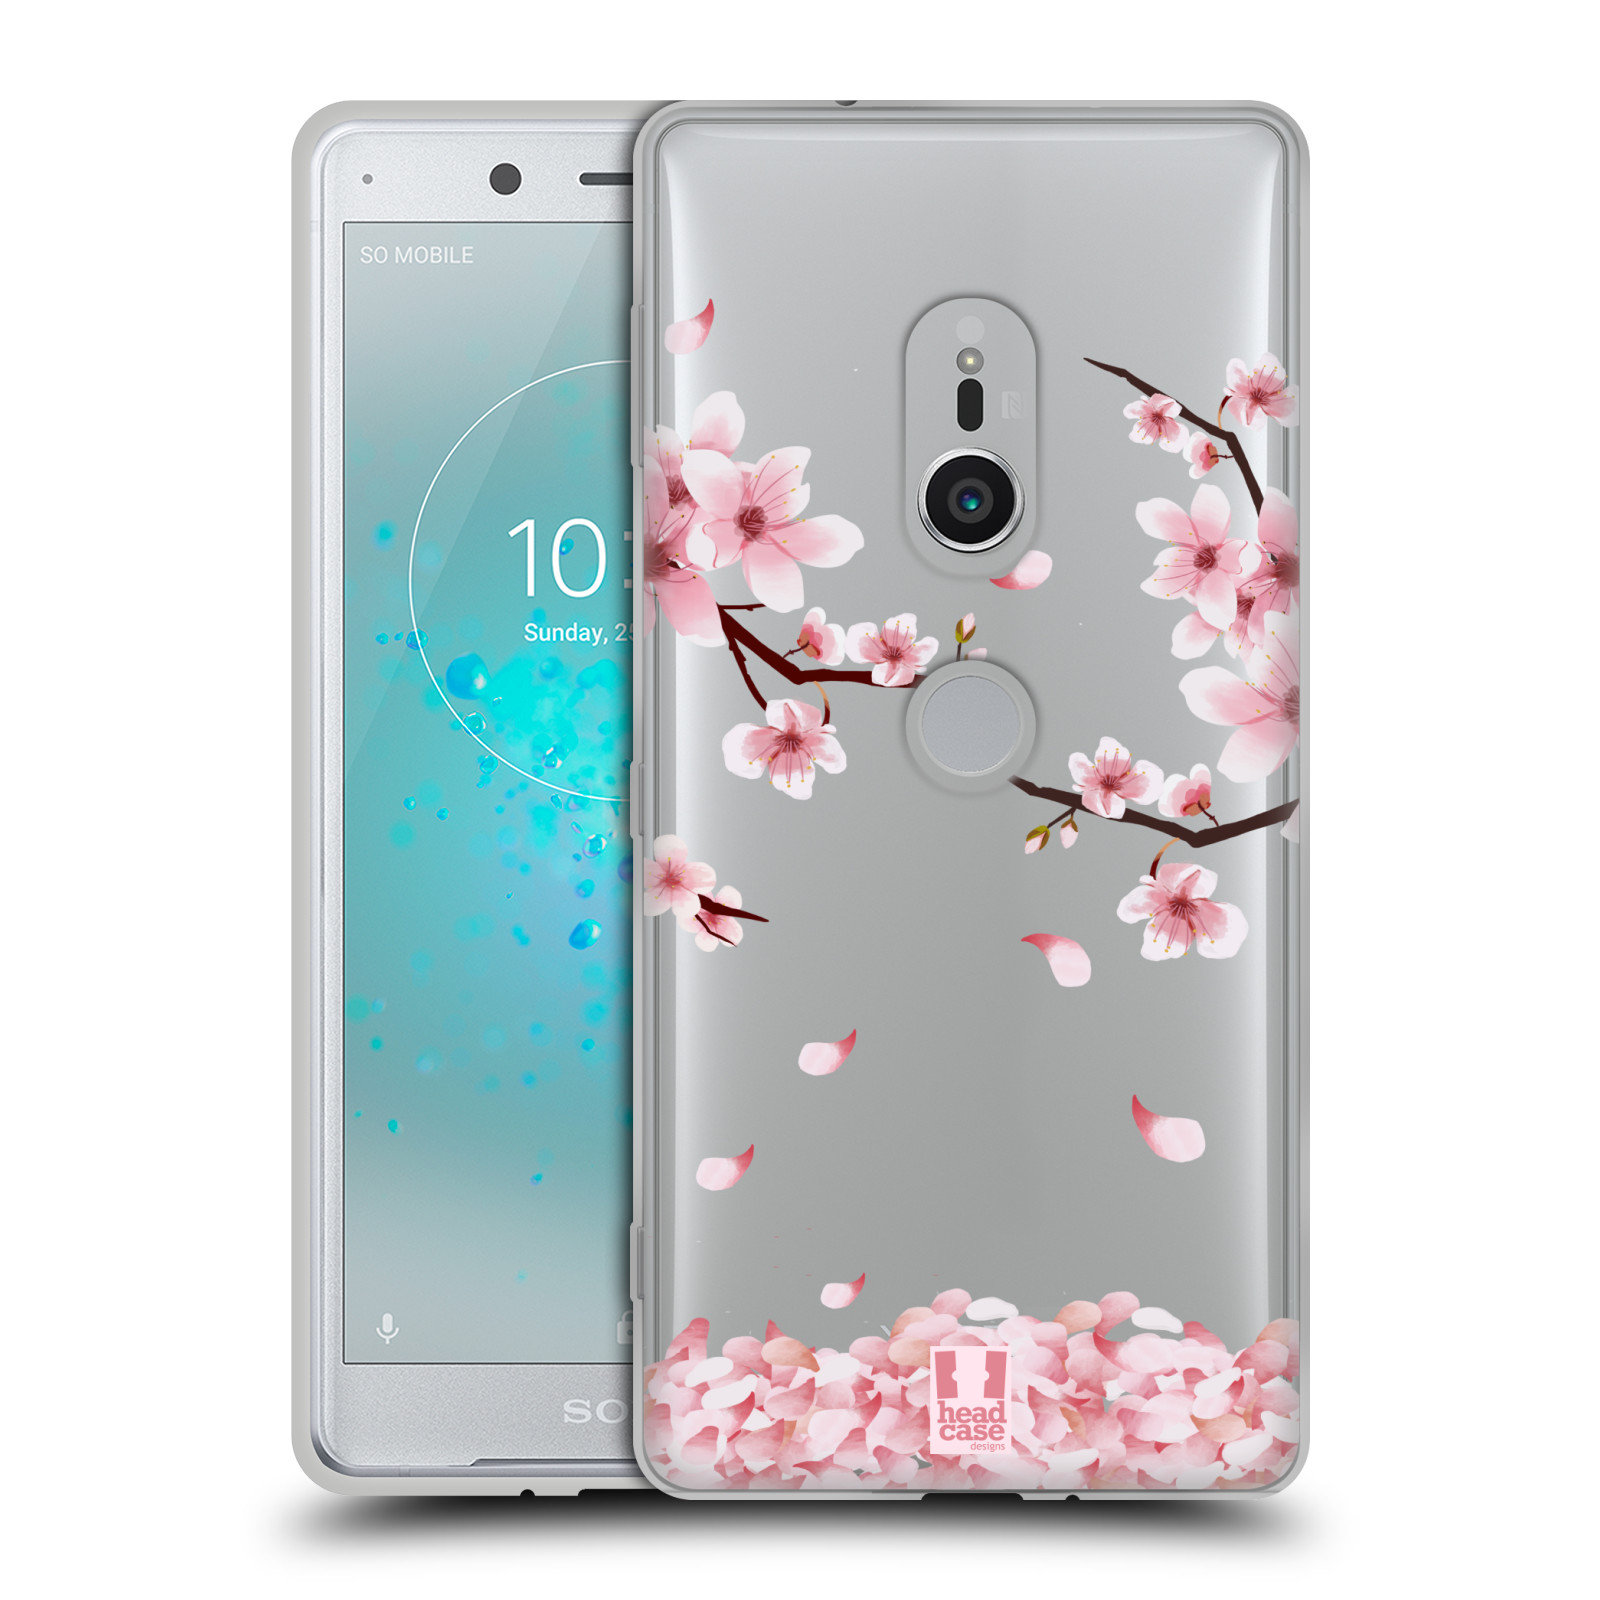 Silikonové pouzdro na mobil Sony Xperia XZ2 - Head Case - Květy a větvičky